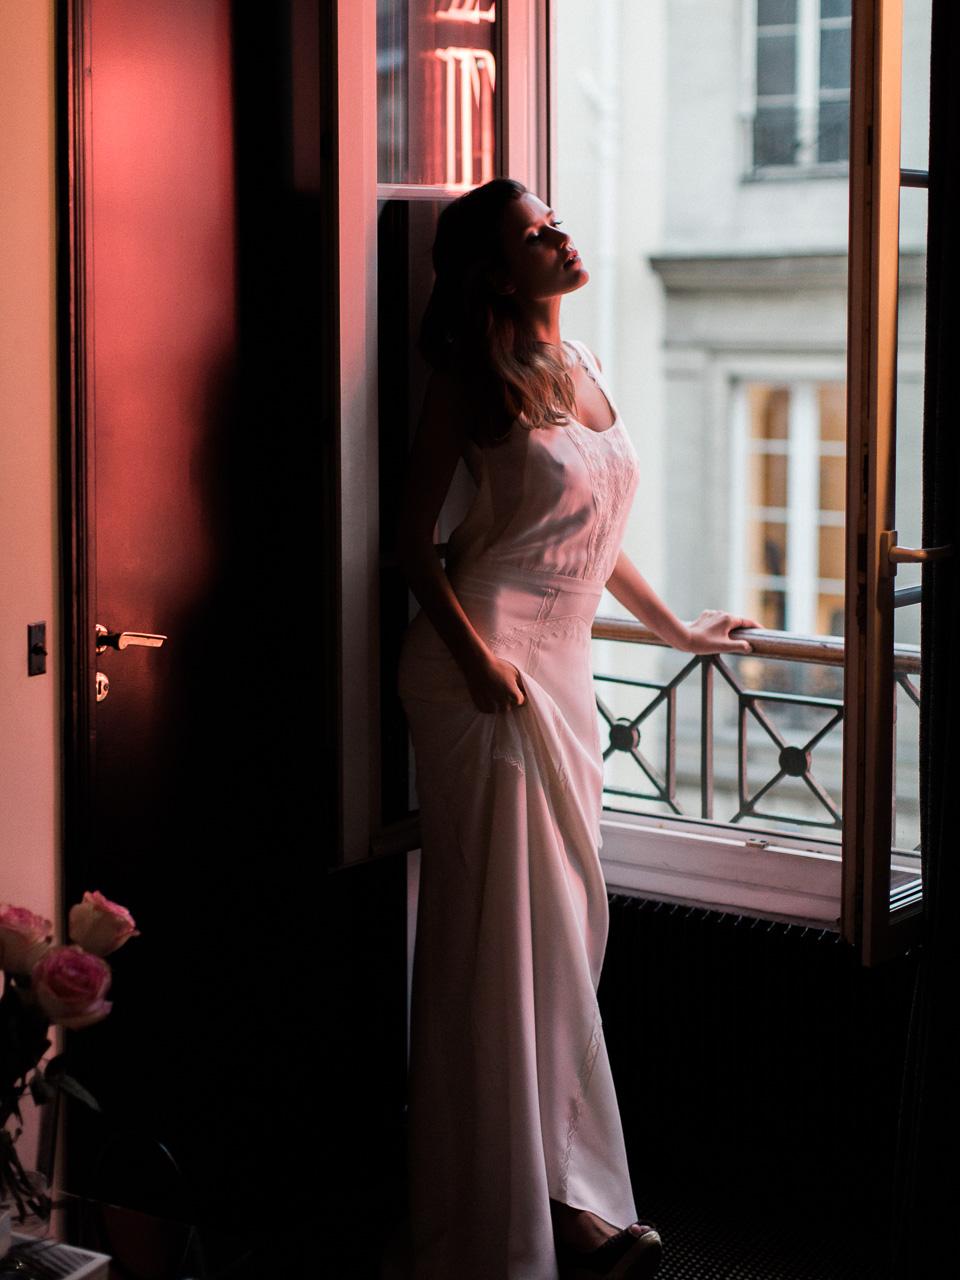 0137_Sophie-Sarfati-Lifestories-Yann-Audic_MK3_2788.jpg